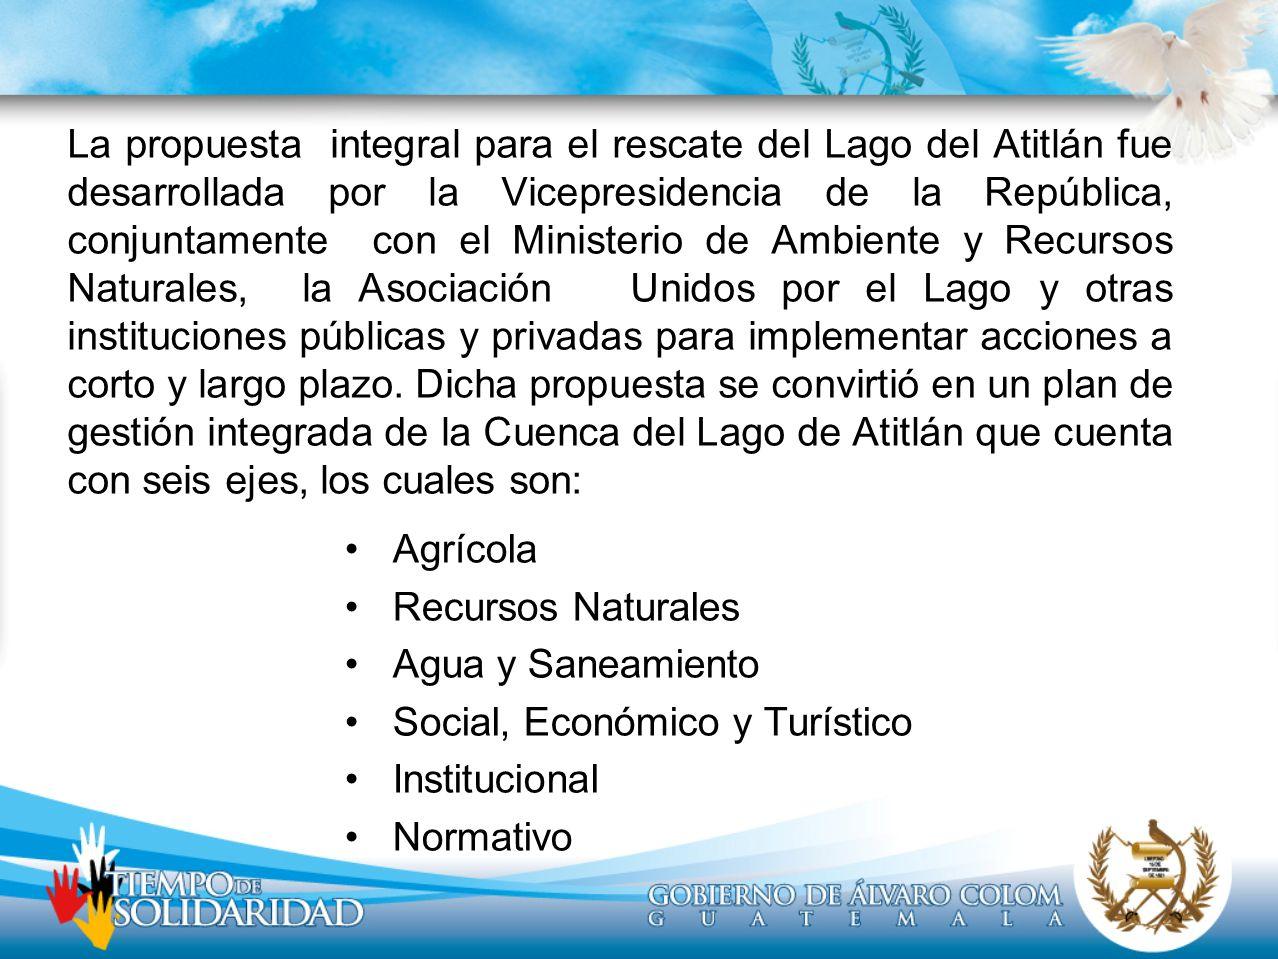 Agrícola Recursos Naturales Agua y Saneamiento Social, Económico y Turístico Institucional Normativo La propuesta integral para el rescate del Lago de